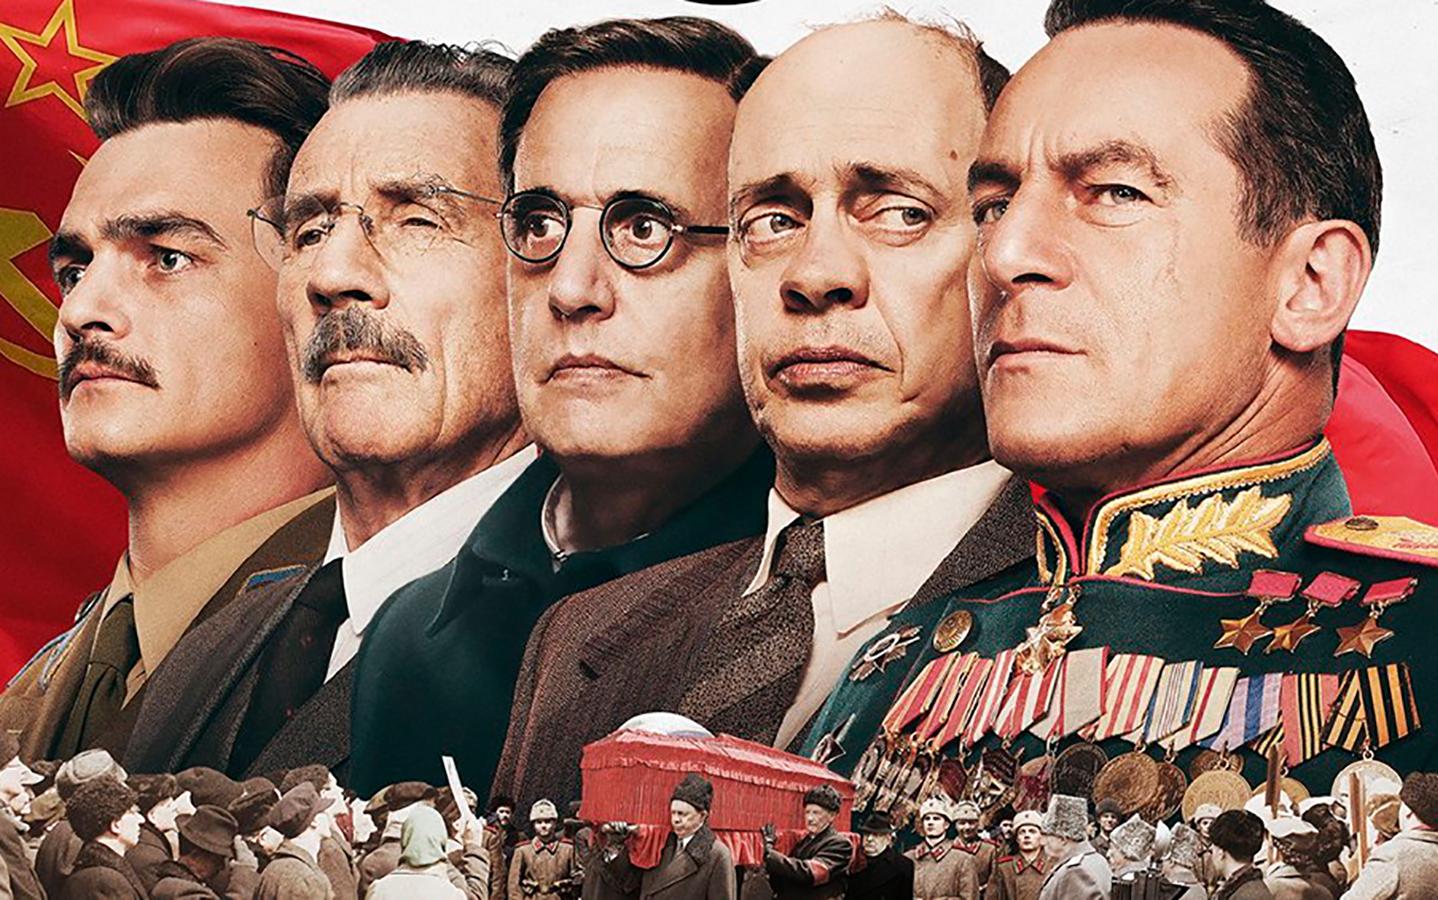 معرفی و بررسی فیلم The Death of Stalin: کمدی سیاهی درباره واقعیتی عجیبتر از افسانه